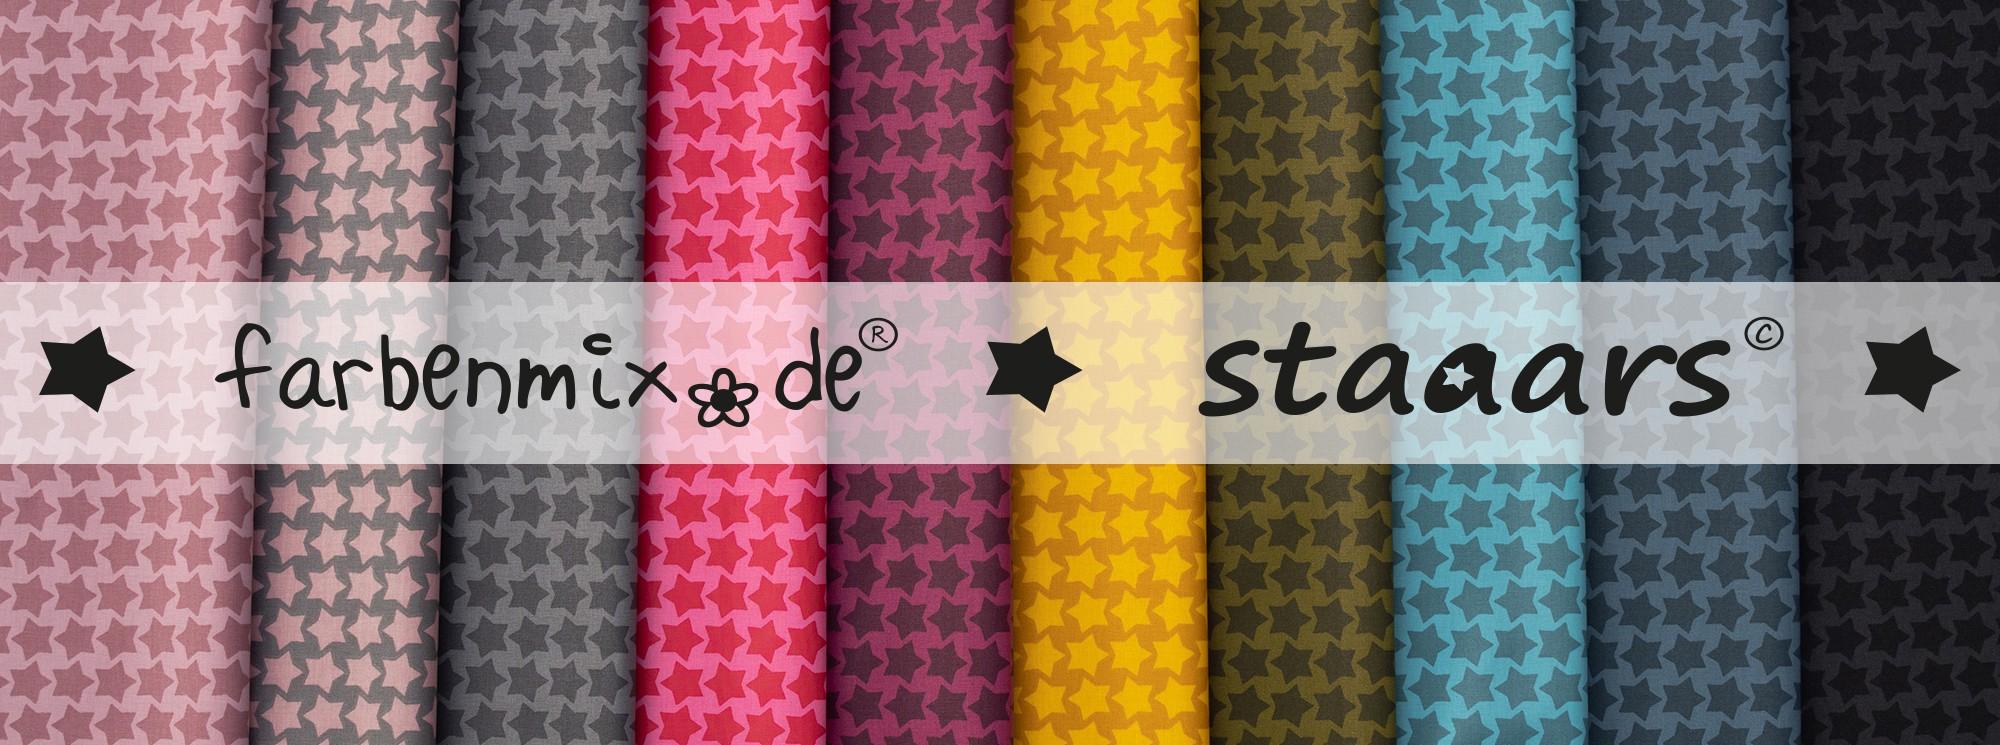 Staaars - beschichtete Baumwolle